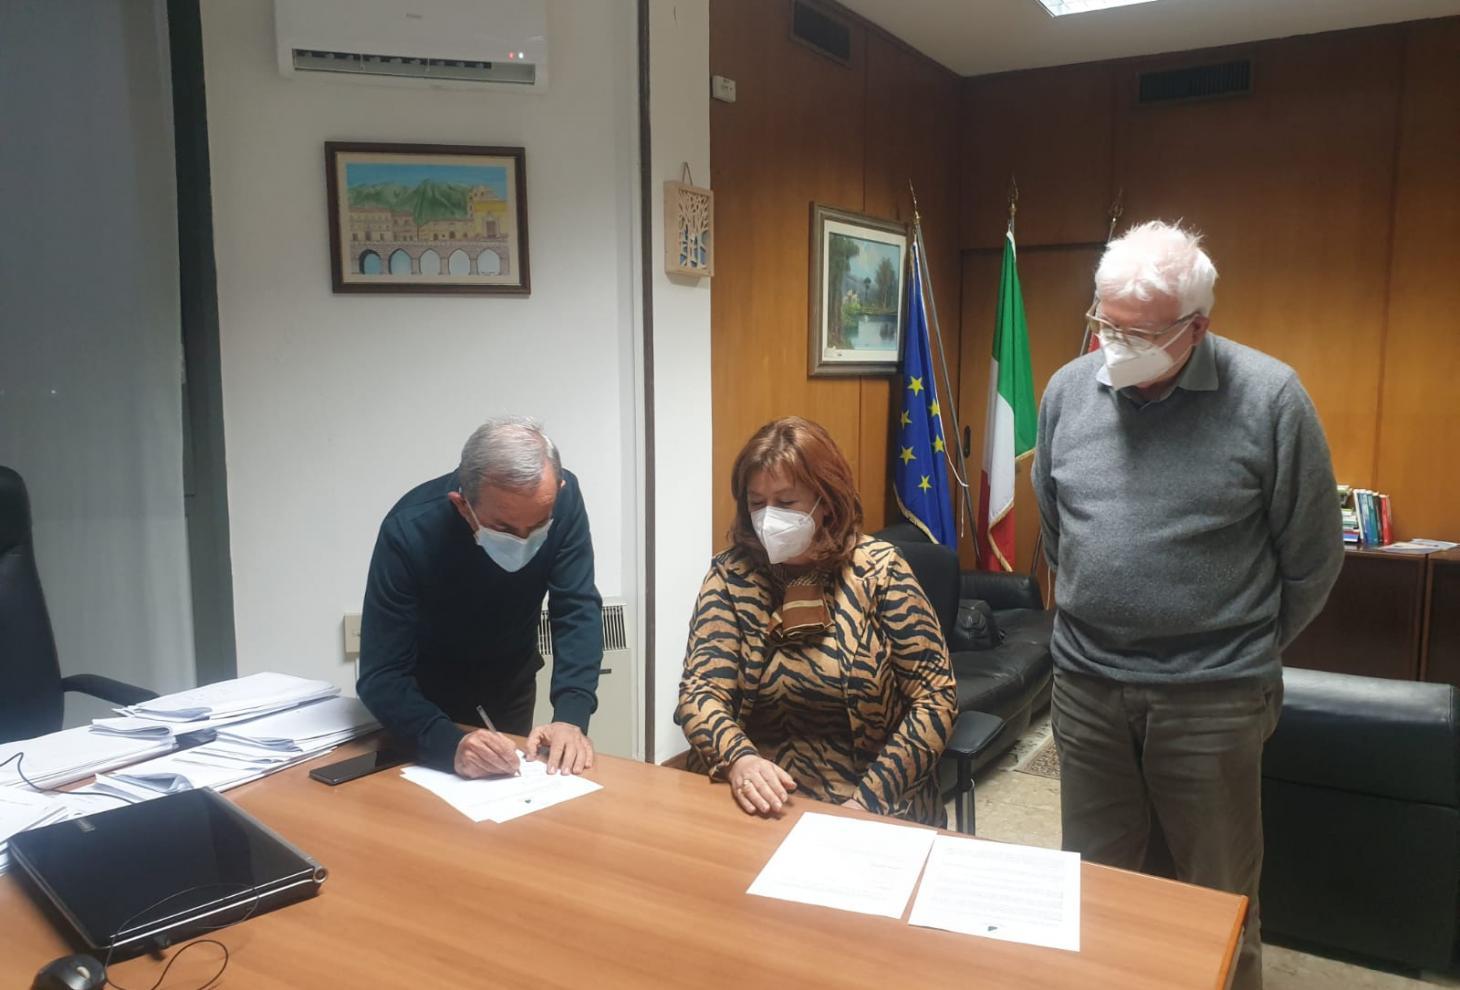 Vaccini in Abruzzo, sottoscritto accordo con medici di medicina generale